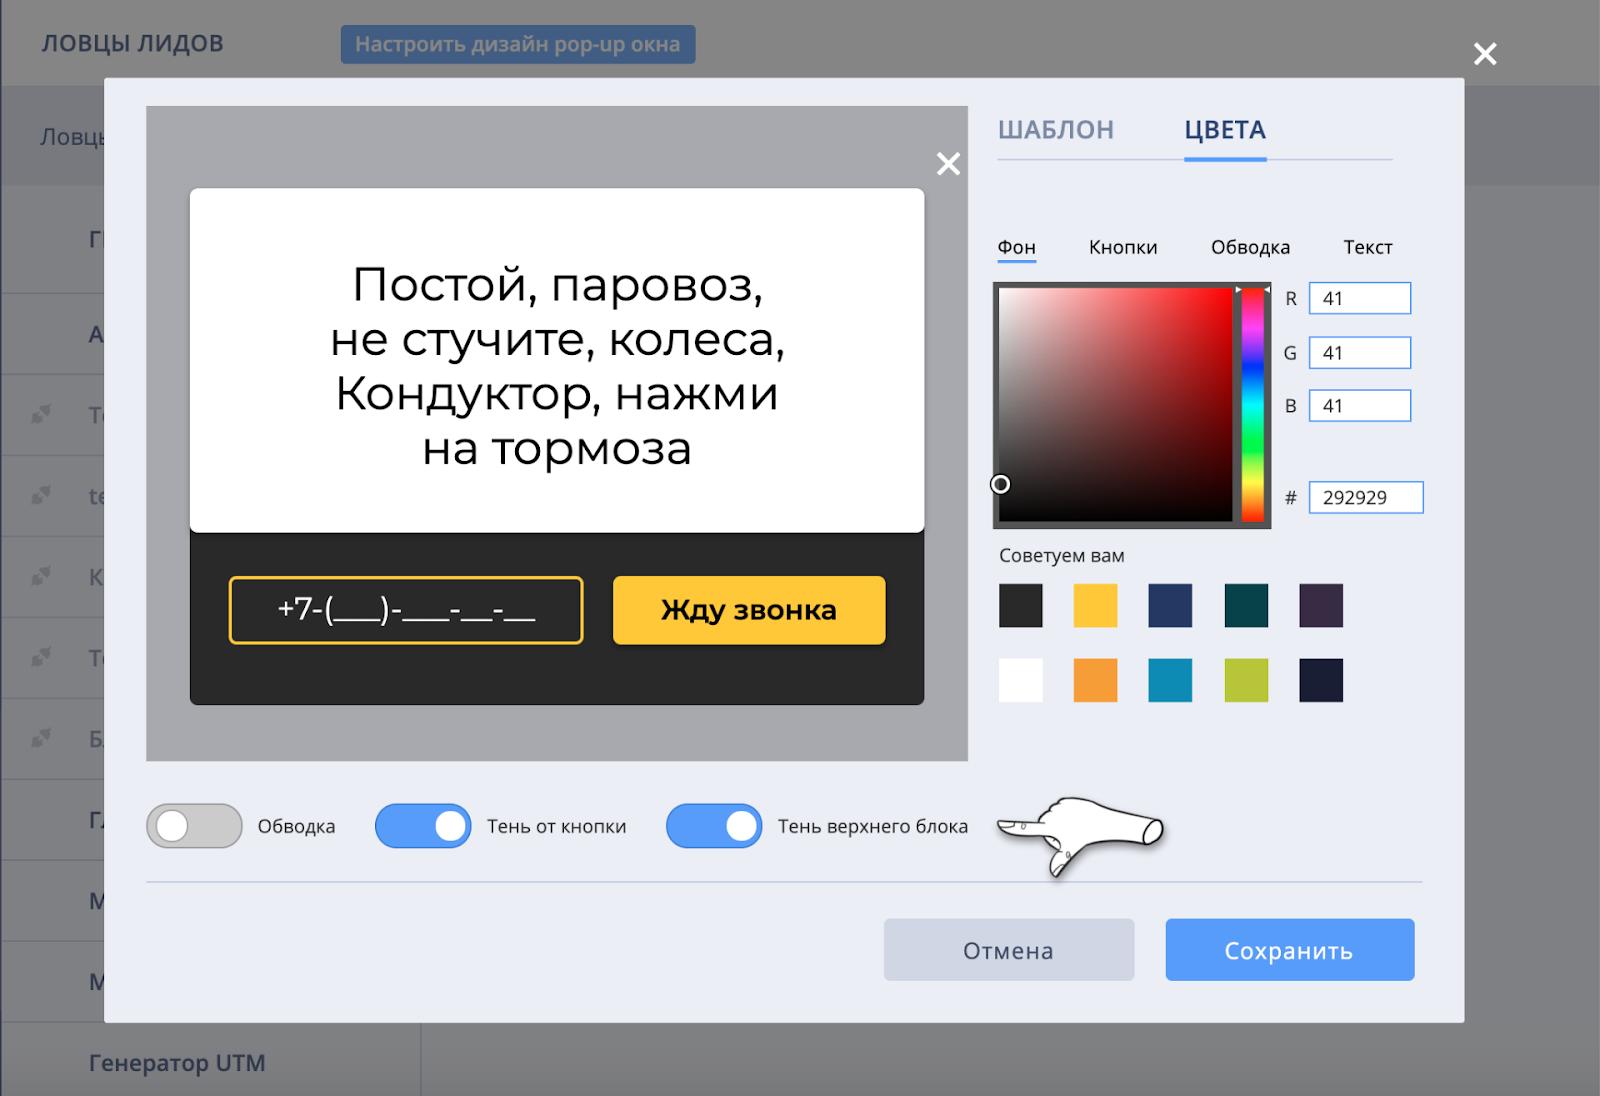 Настройка оформления pop-up окна в редакторе